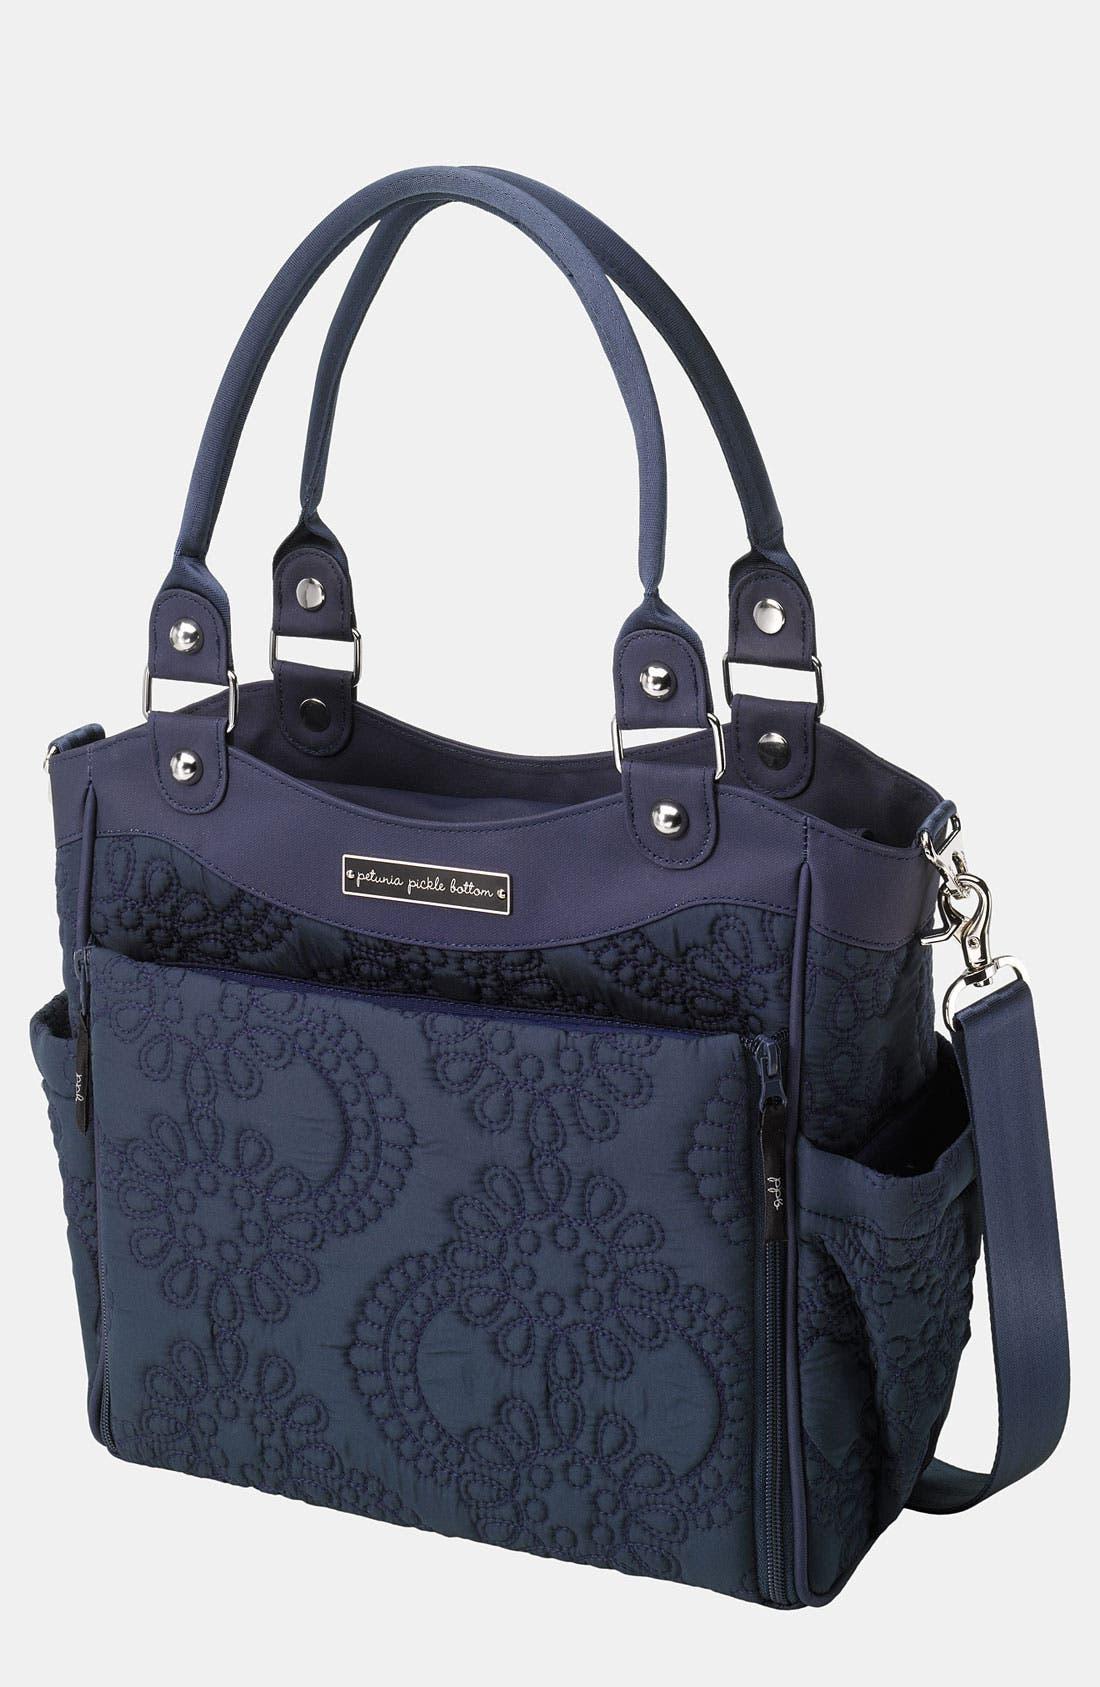 Main Image - Petunia Pickle Bottom 'City Carryall' Diaper Bag